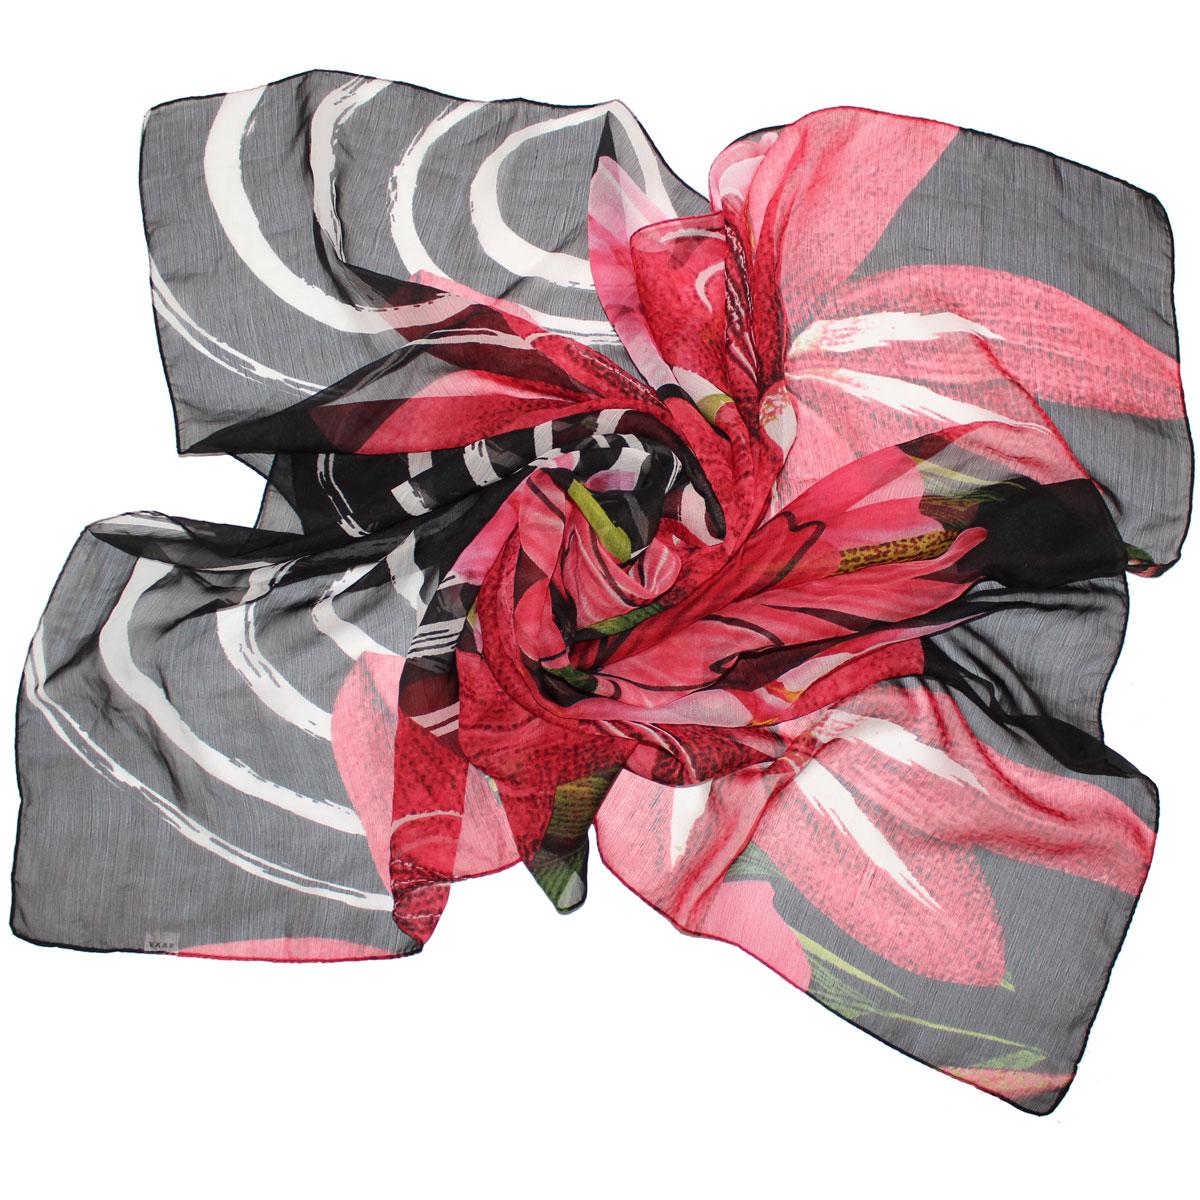 524040нПлаток Ethnica, выполненный из вискозы, гармонично дополнит образ современной женщины. Благодаря своему составу, он легкий, мягкий и приятный на ощупь. Модель оформлена крупным цветочным принтом. Классическая квадратная форма позволяет носить платок на шее, украшать им прическу или декорировать сумочку. С таким платком вы всегда будете выглядеть женственно и привлекательно.